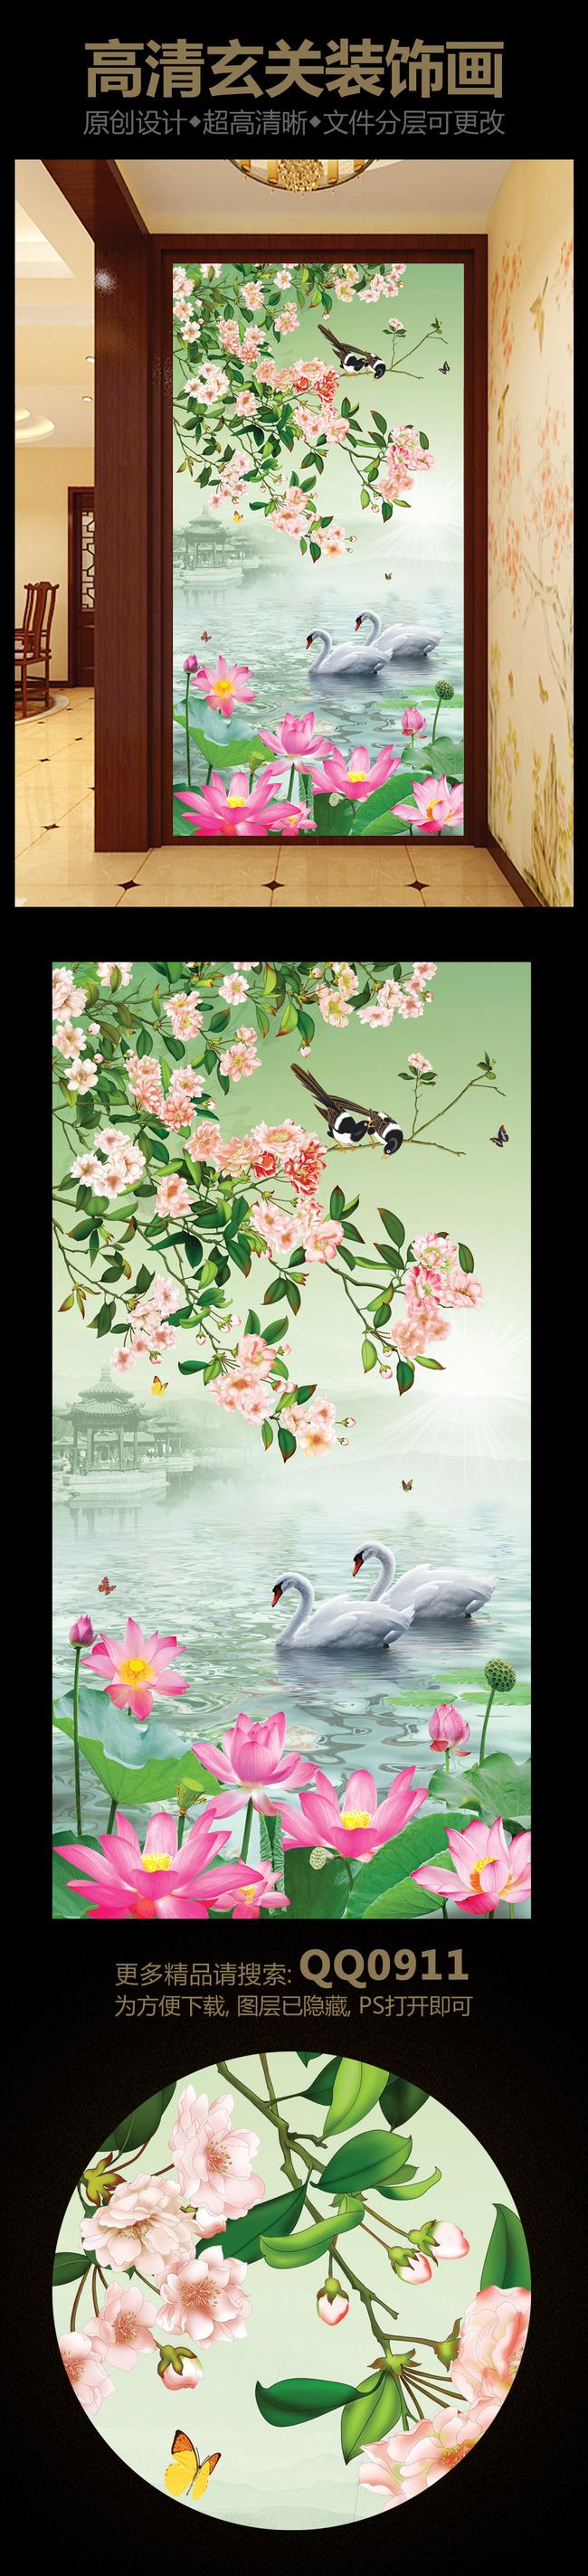 过道背景 玄关 花鸟玄关 国画 工笔花鸟 工笔画 绿色 蝴蝶 天鹅 湖边